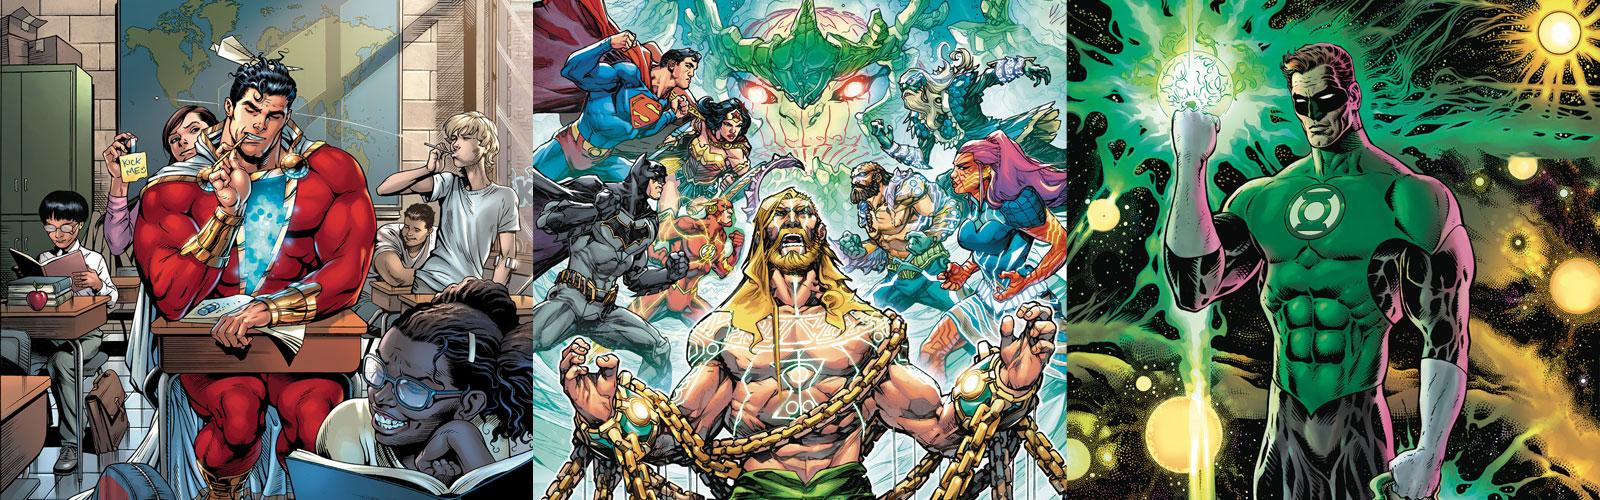 Solicitations: November 2018 – DC Comics